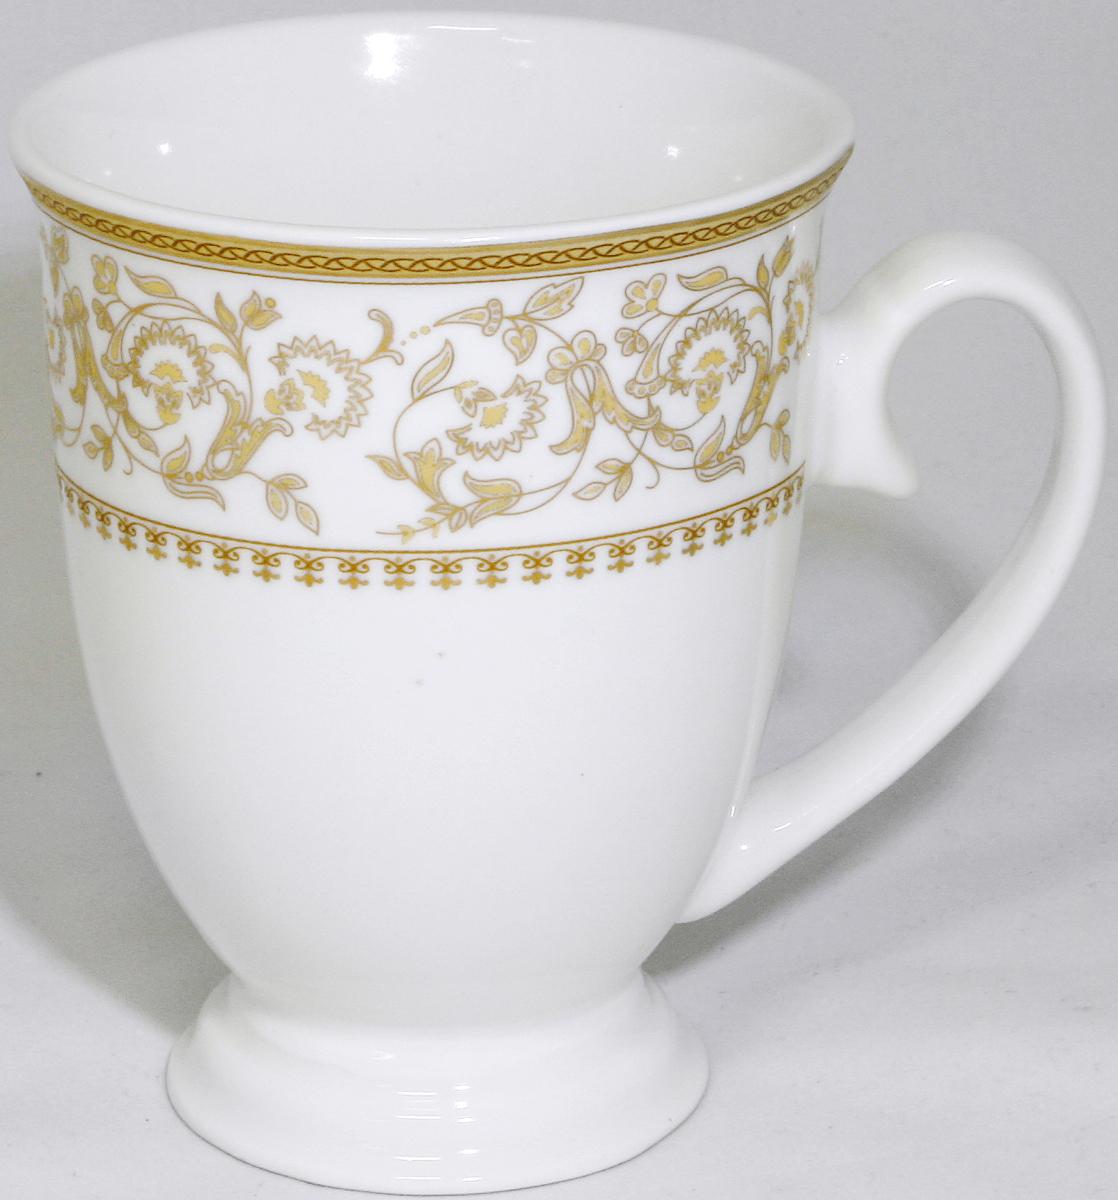 Кружка МФК-профит Империя, 350 млMFK07577Кружка выполнена из керамики белого цвета и оформлена ярким изображением. Кружка дополнена удобной ручкой.Такой подарок станет не только приятным, но и практичным сувениром: кружка станет незаменимым атрибутом чаепития, а оригинальное оформление кружки добавит ярких эмоций в процессе чаепития.